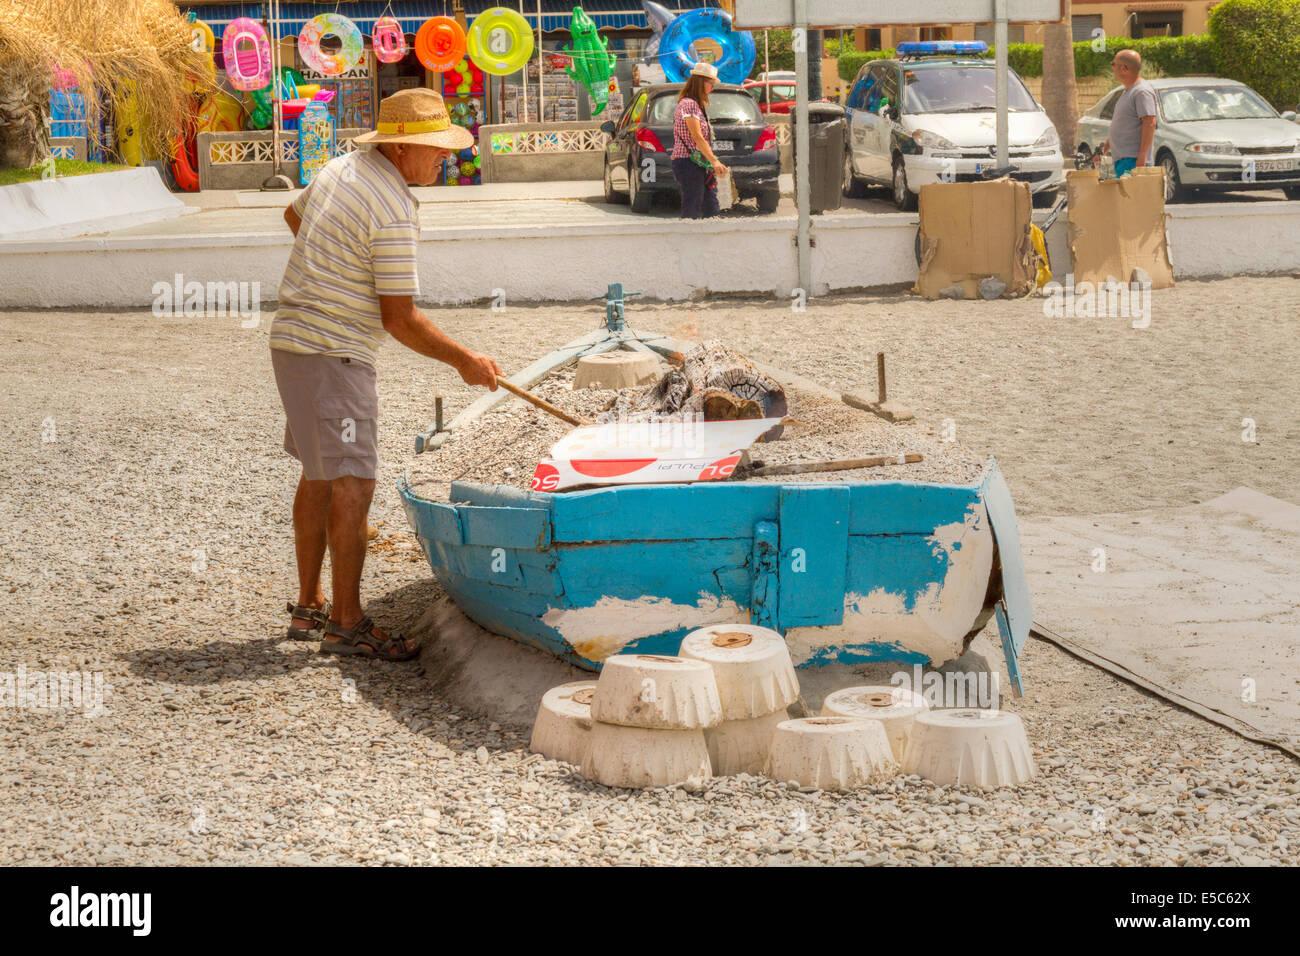 Illuminazione uomo uno dei tanti barbecue sulla spiaggia è